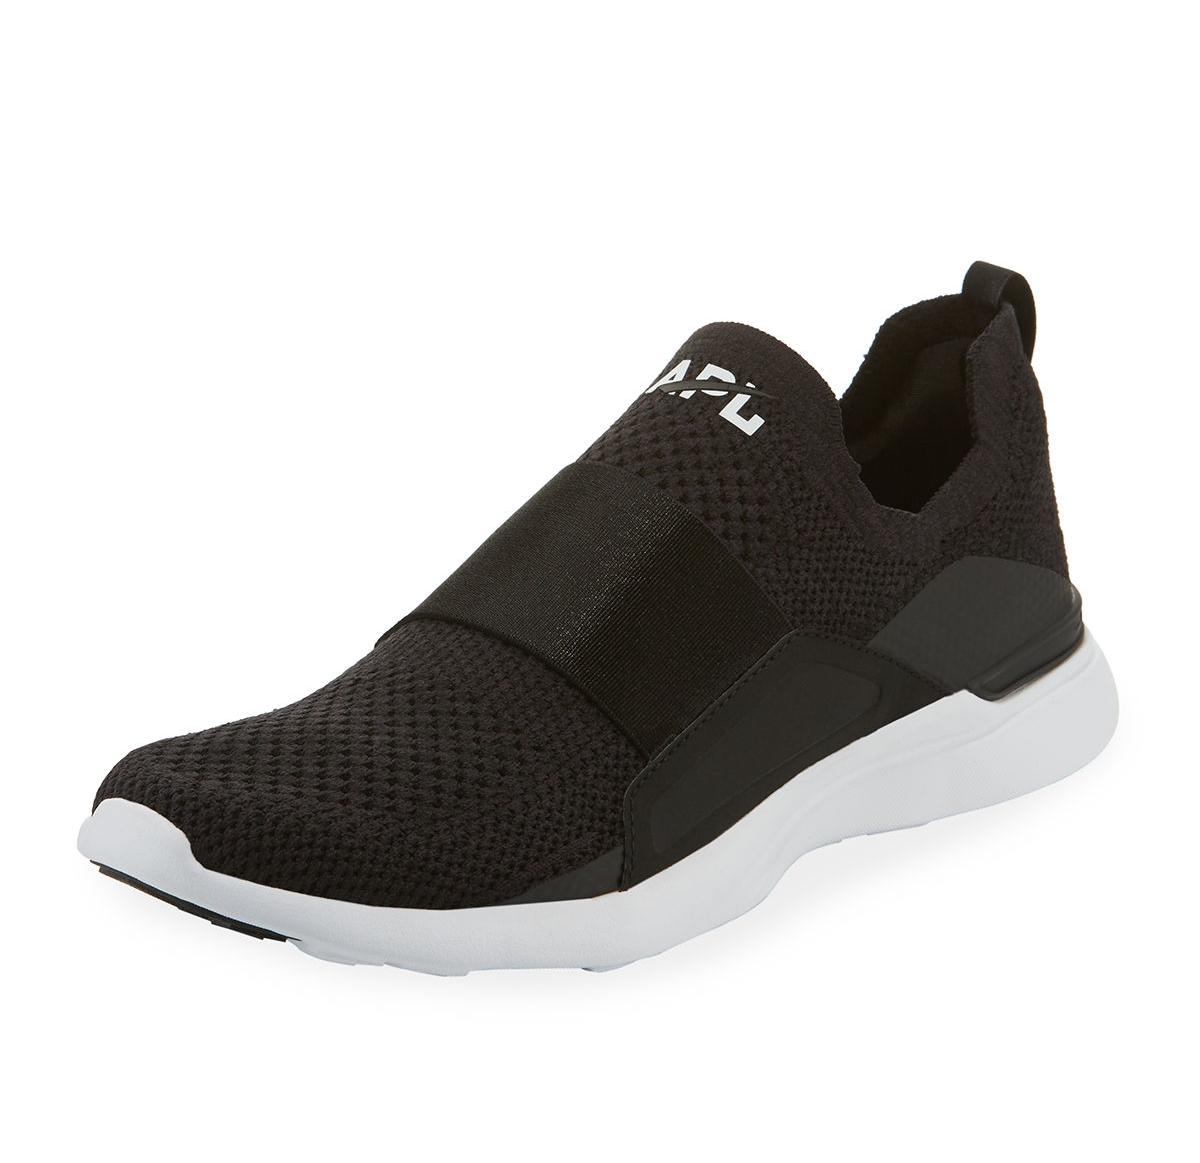 APL Laceless Shoes